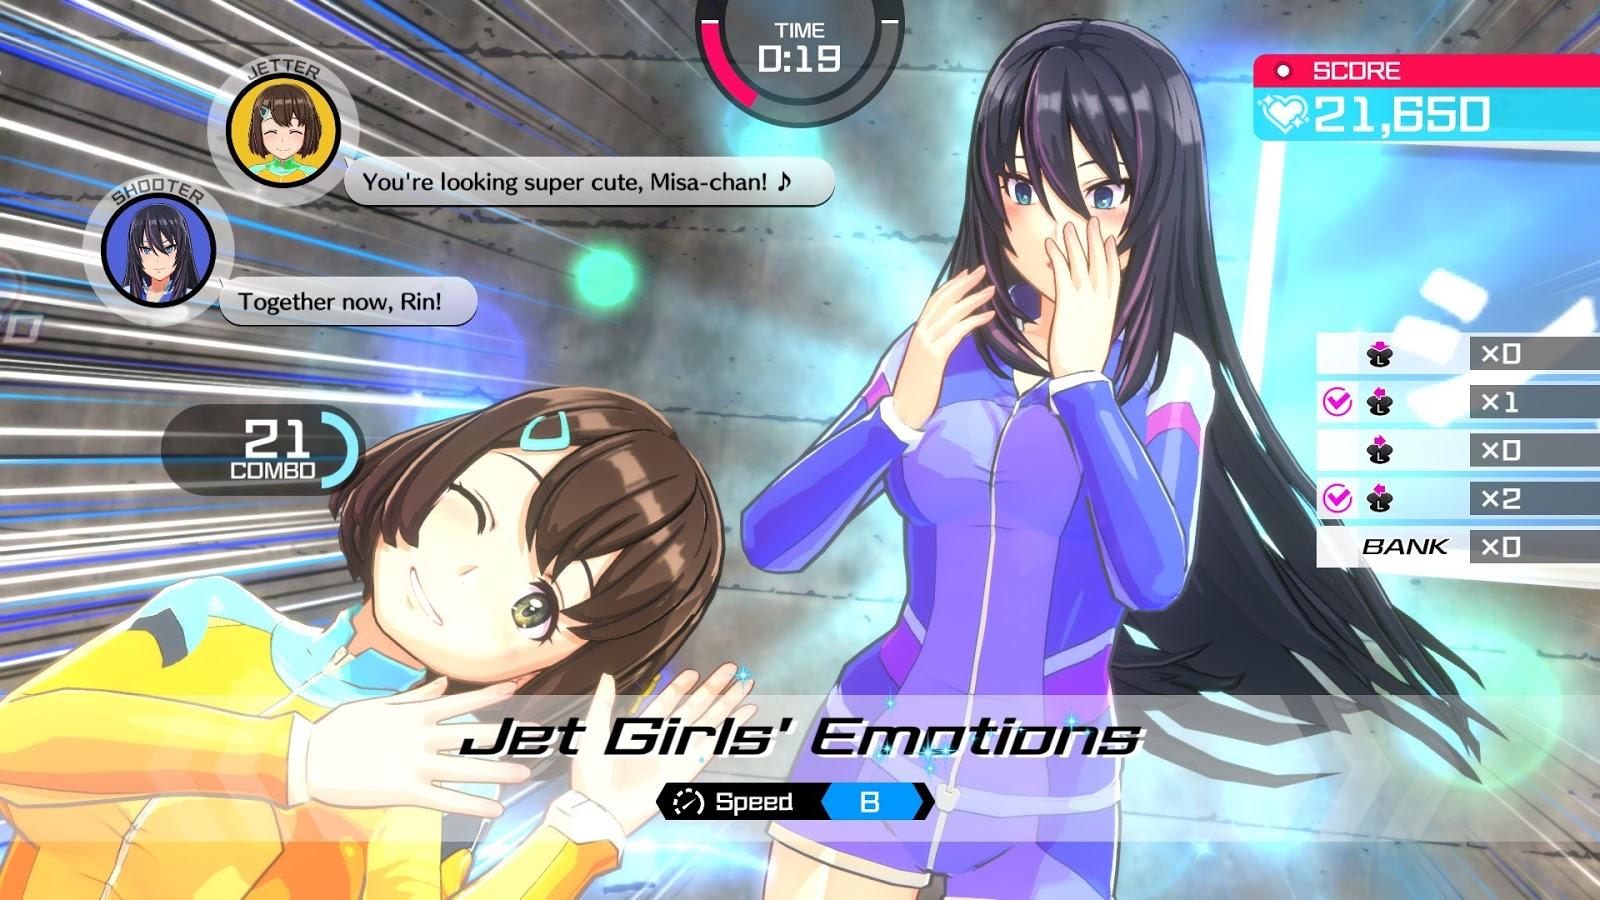 kandagawa-jet-girls-pc-screenshot-03